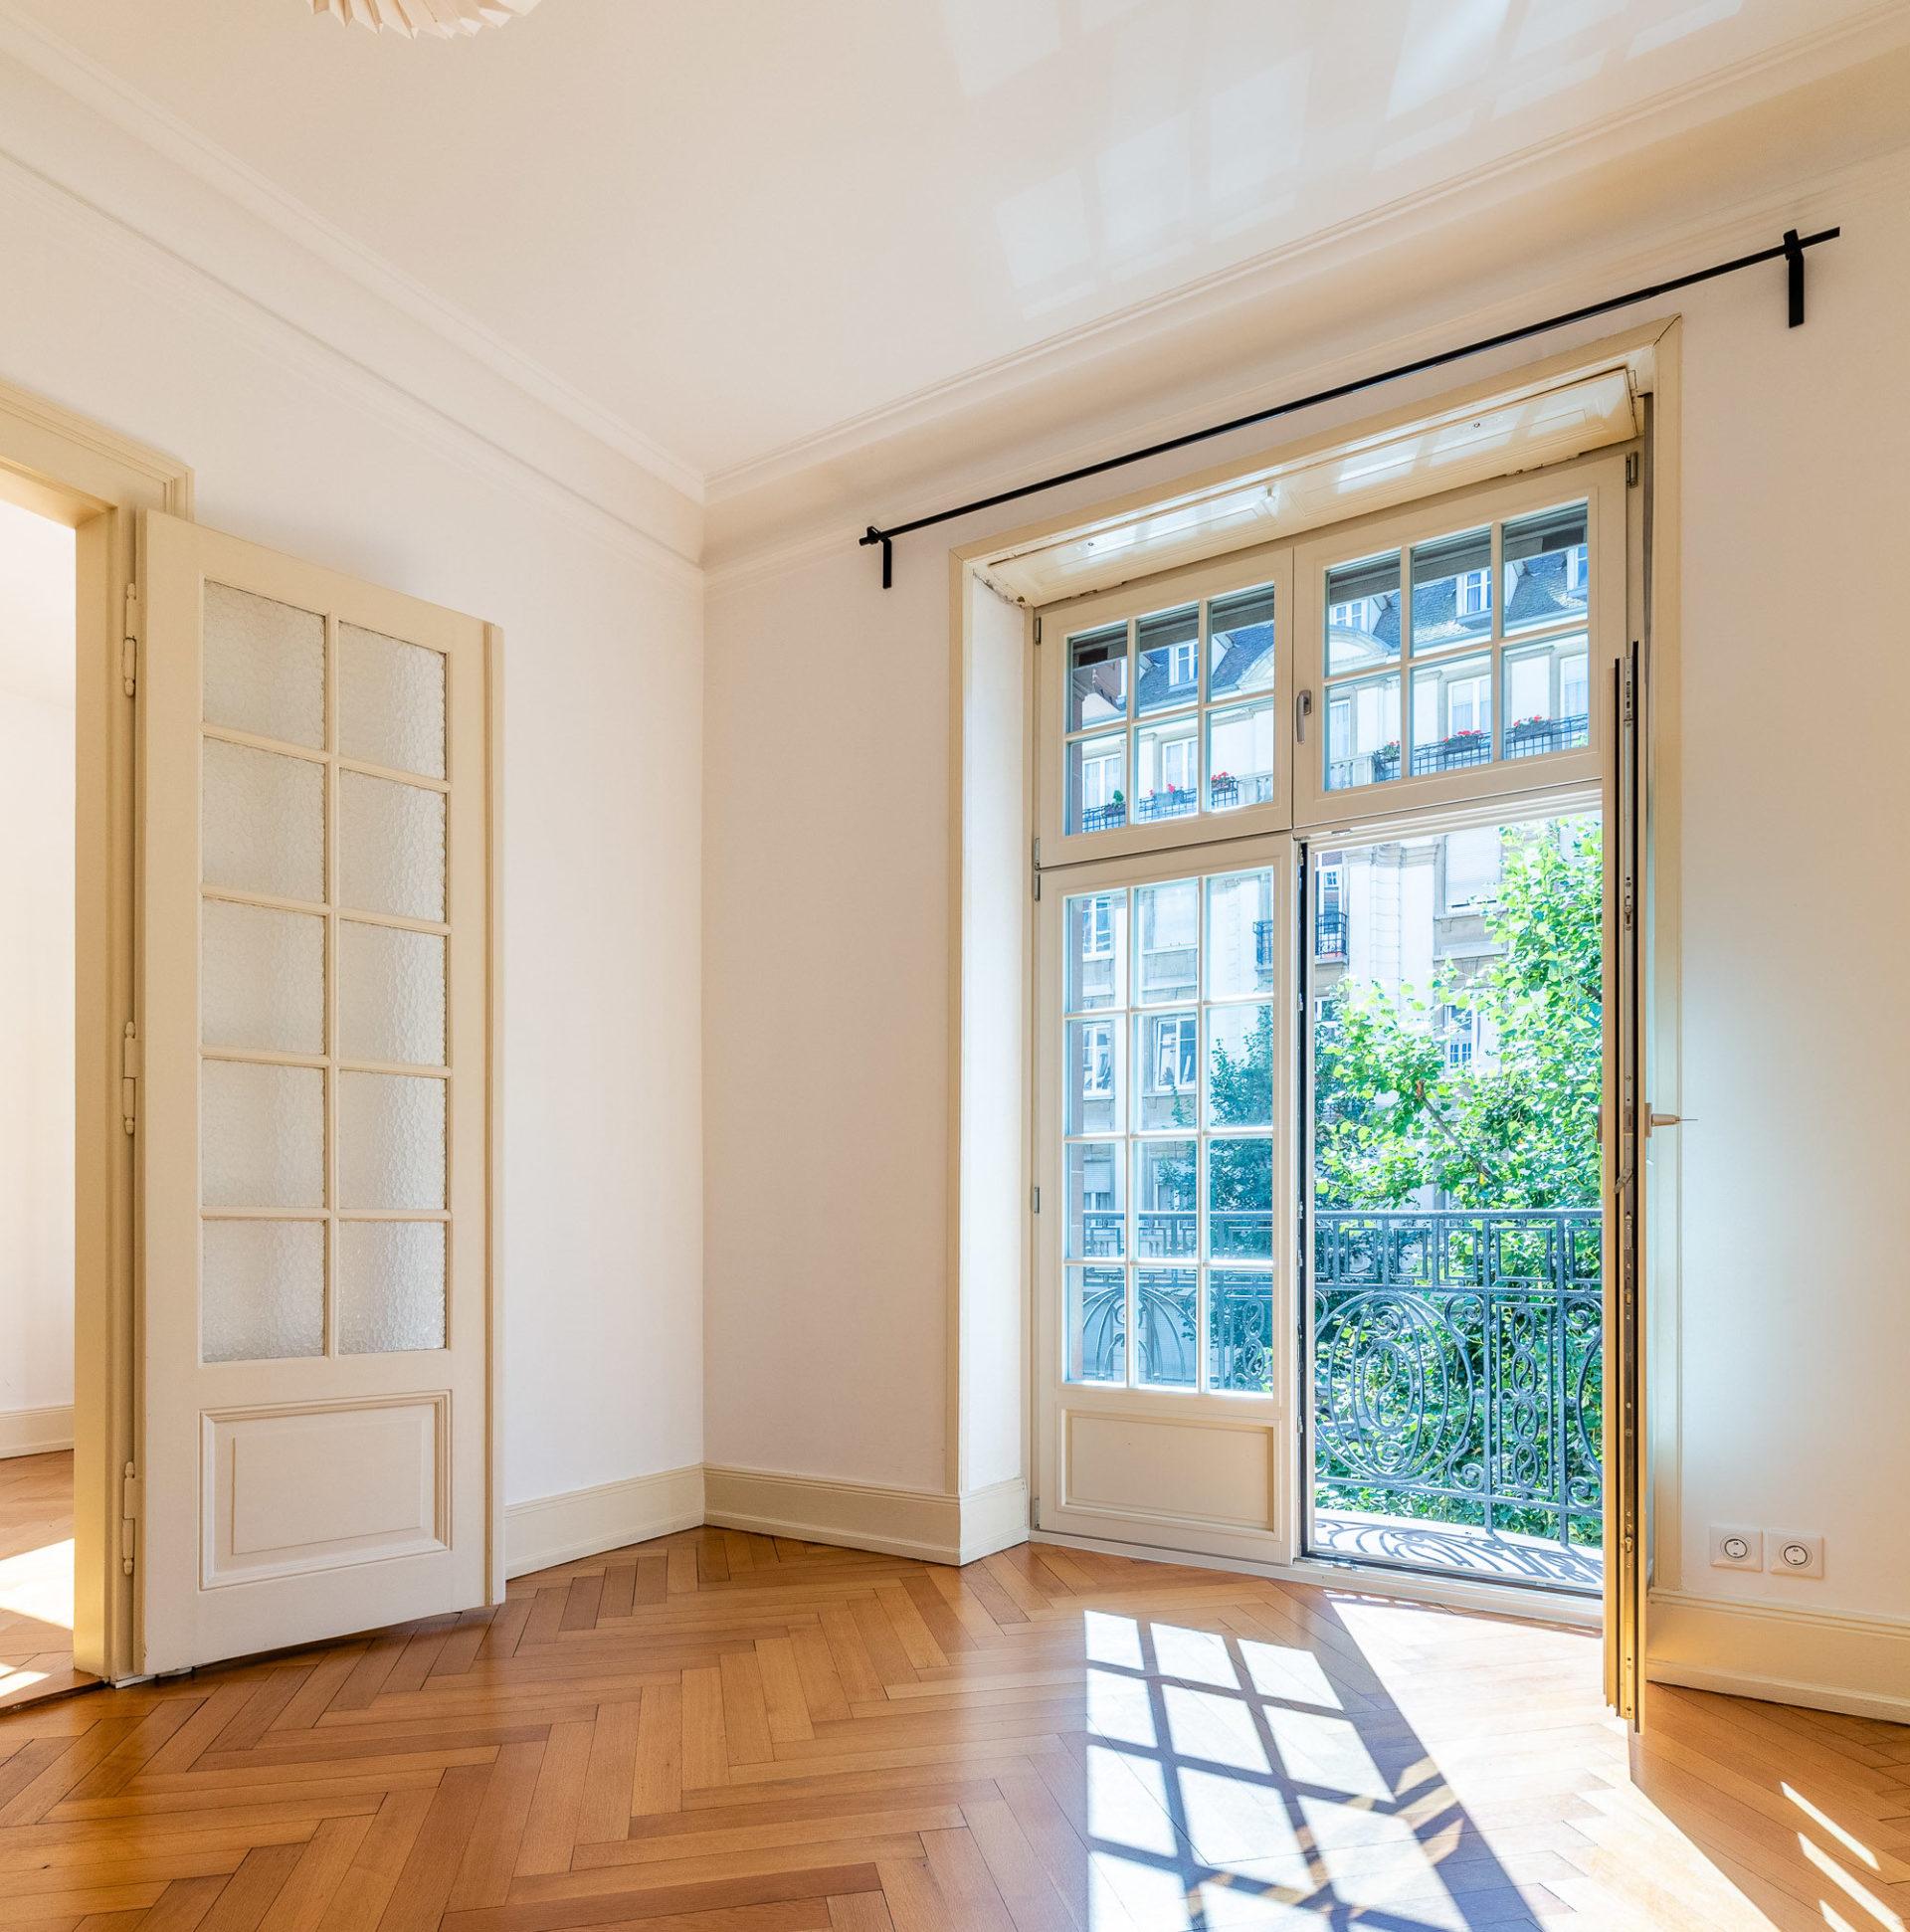 agence immobilière Immoval à Strasbourg pour acheter un bien immobilier